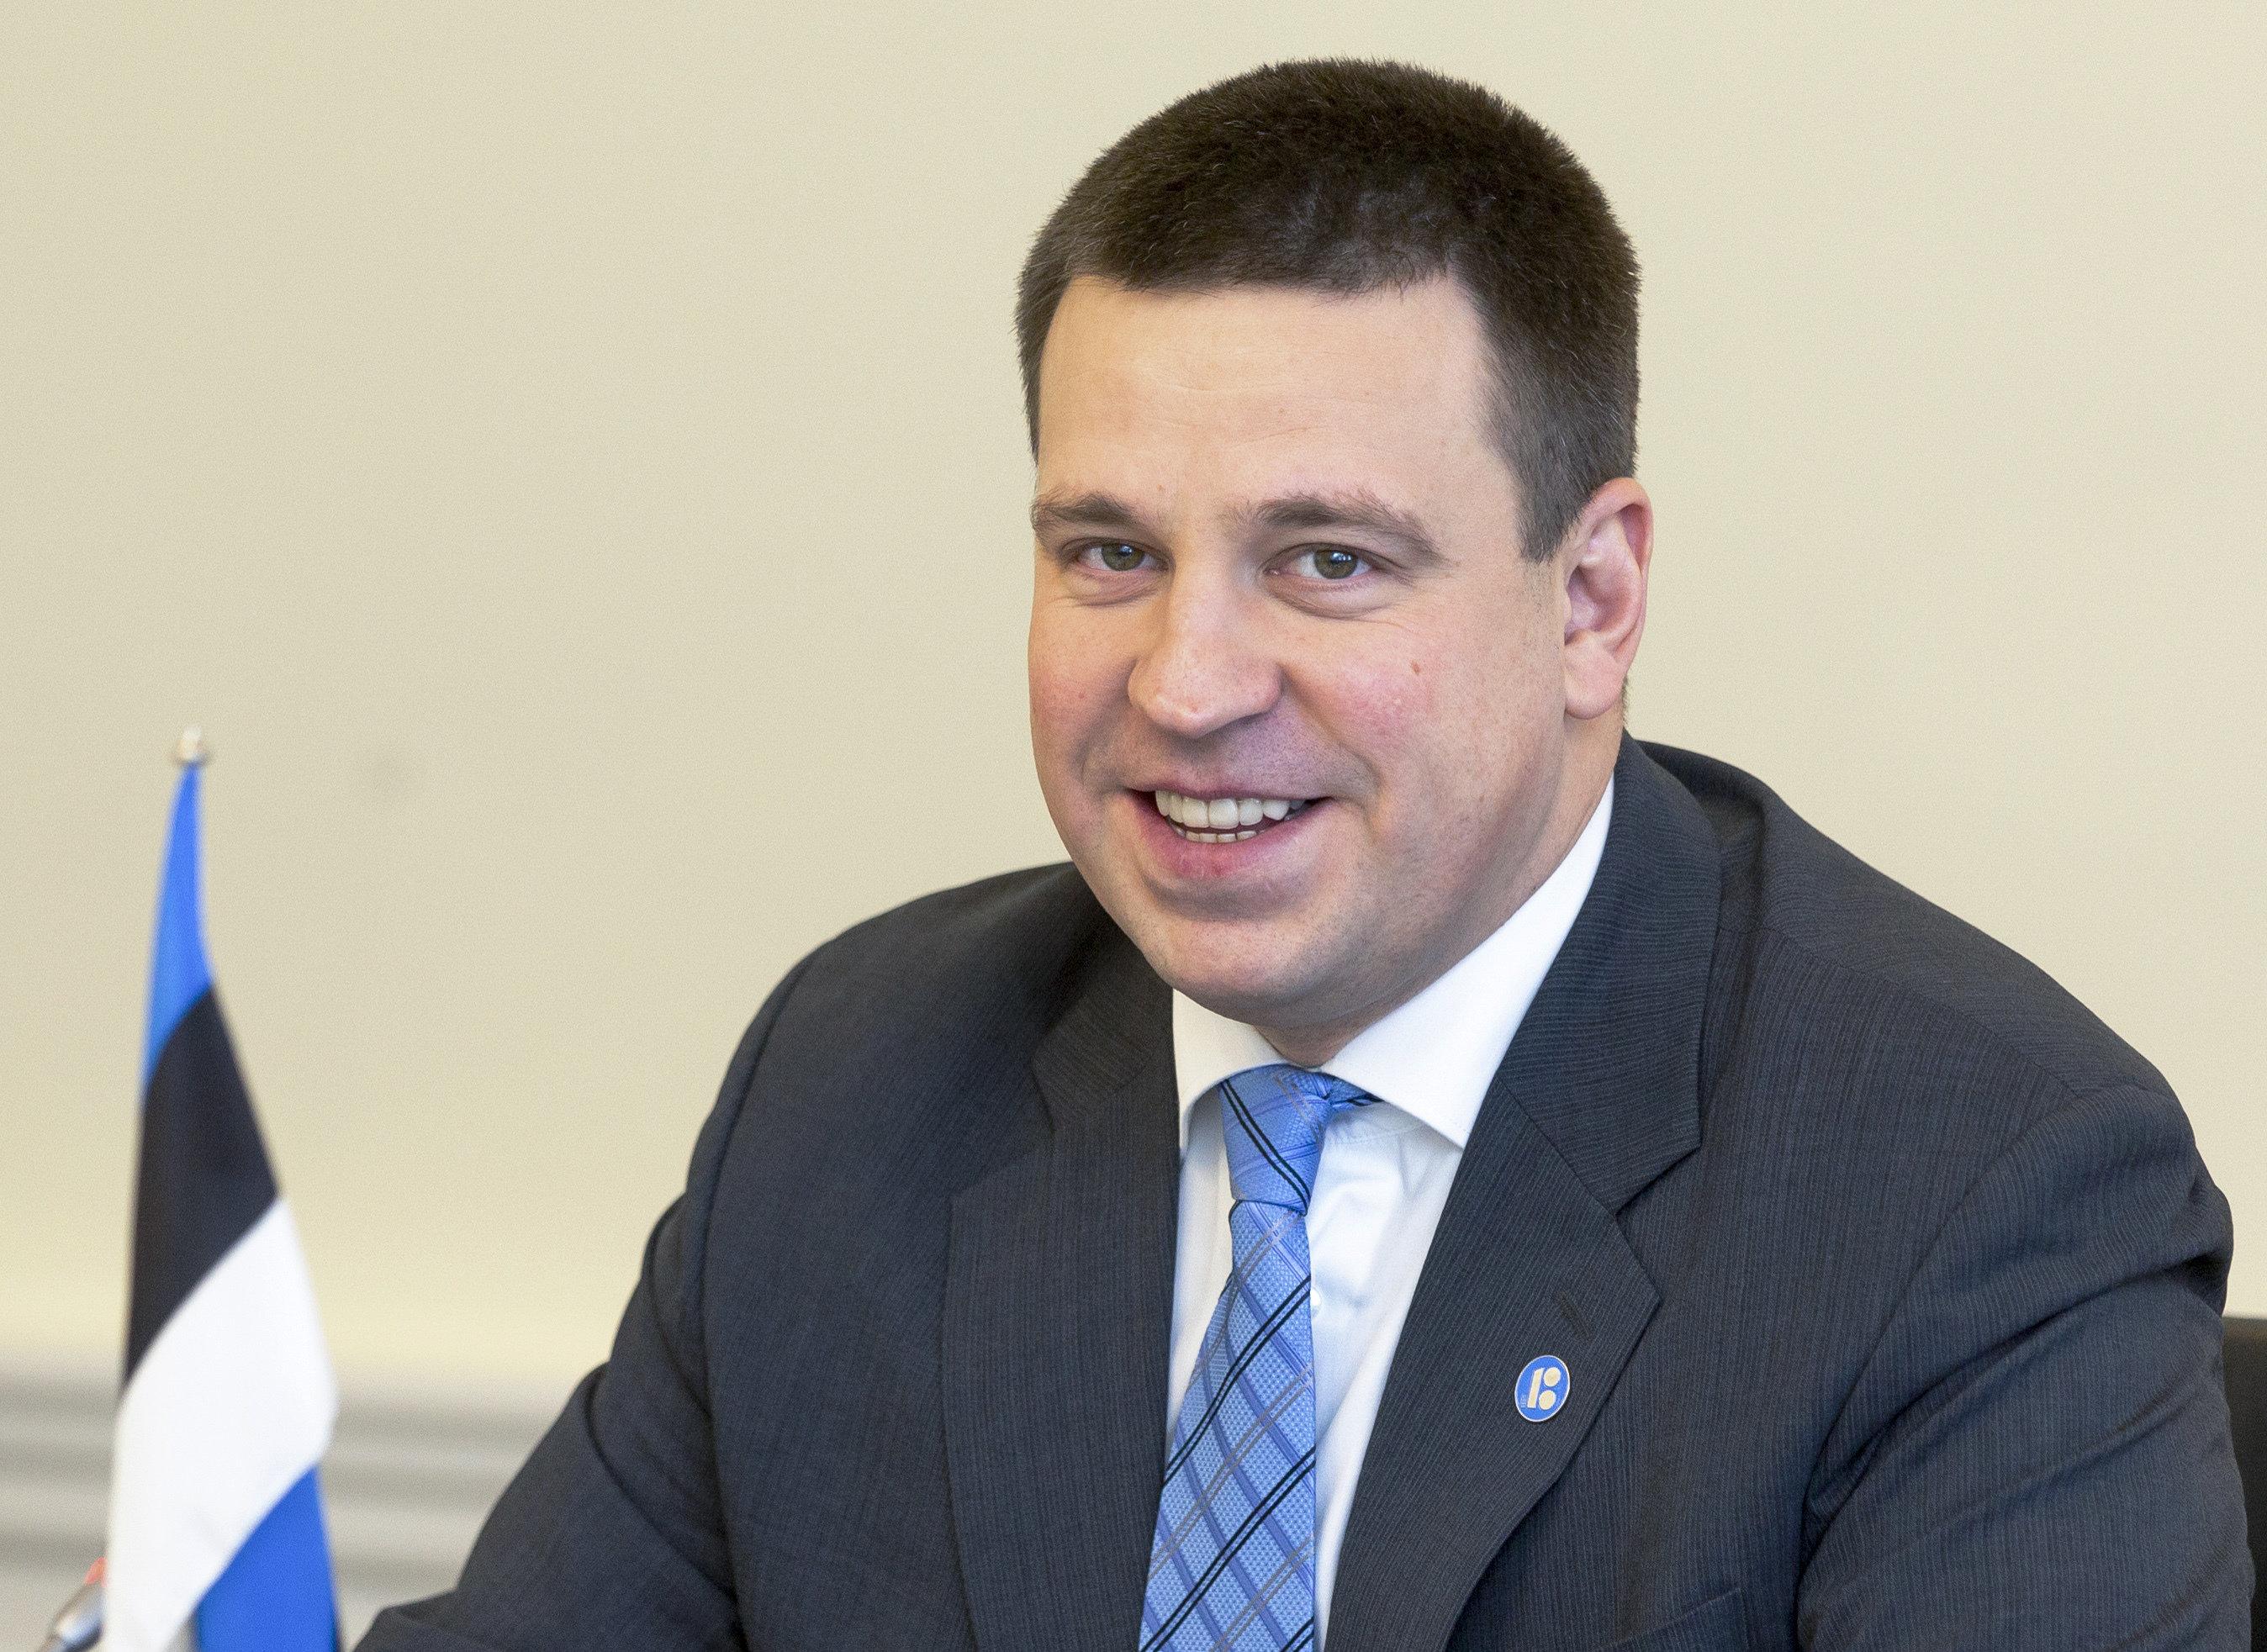 Εσθονία: Συμμαχία Κεντρώων και Ακροδεξιών για σχηματισμό νέας